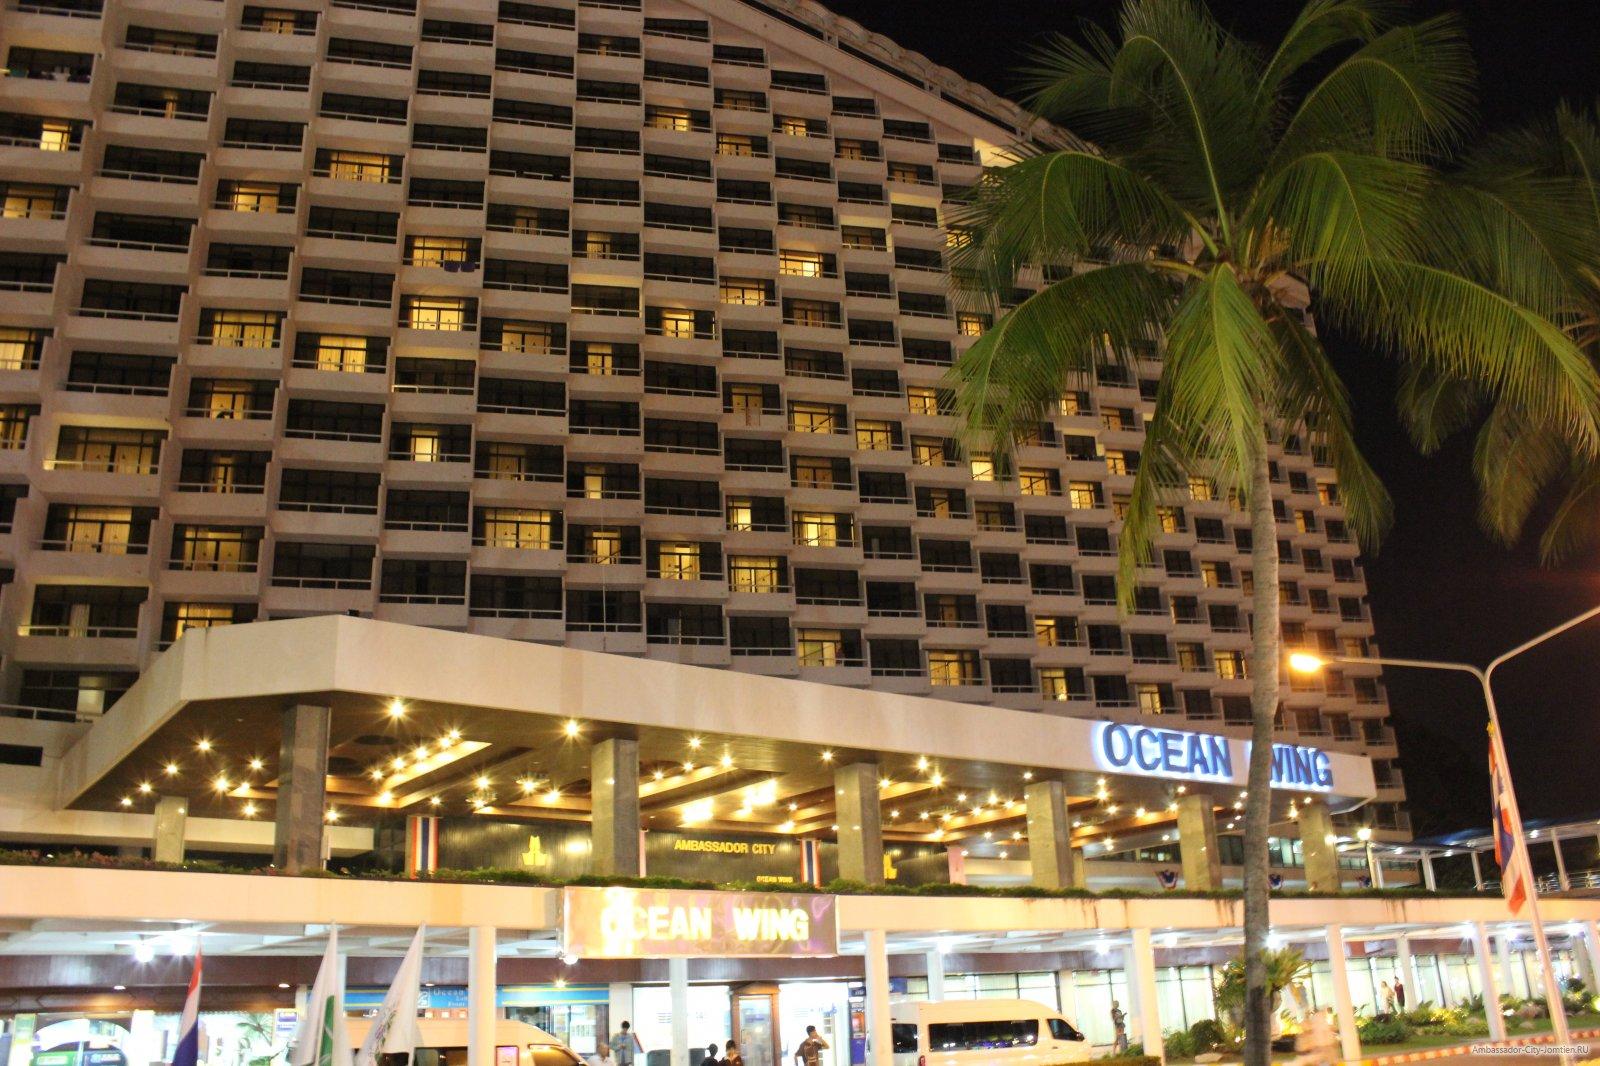 Таиланд отель амбассадор ин винг